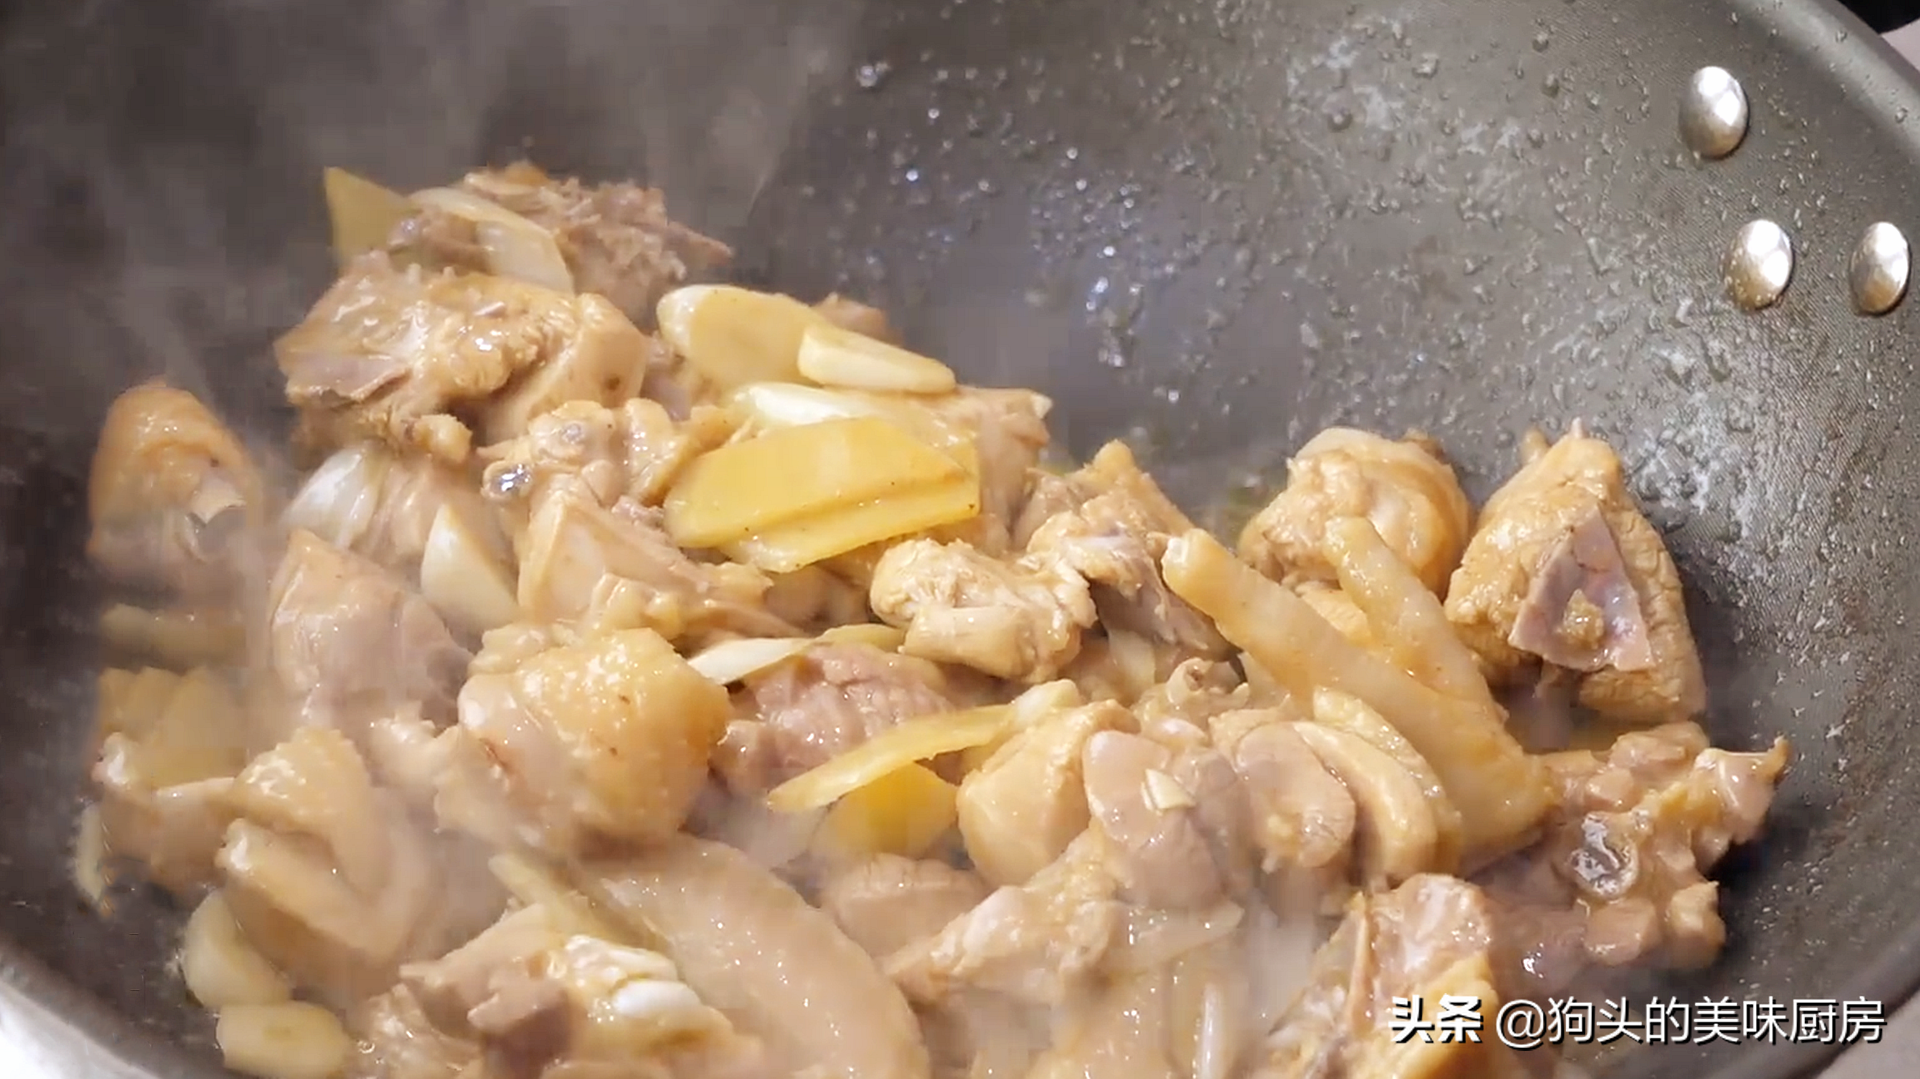 炖鸡肉时,切记不要直接焯水,教你一个做法,肉嫩鲜香不腥不柴 美食做法 第12张